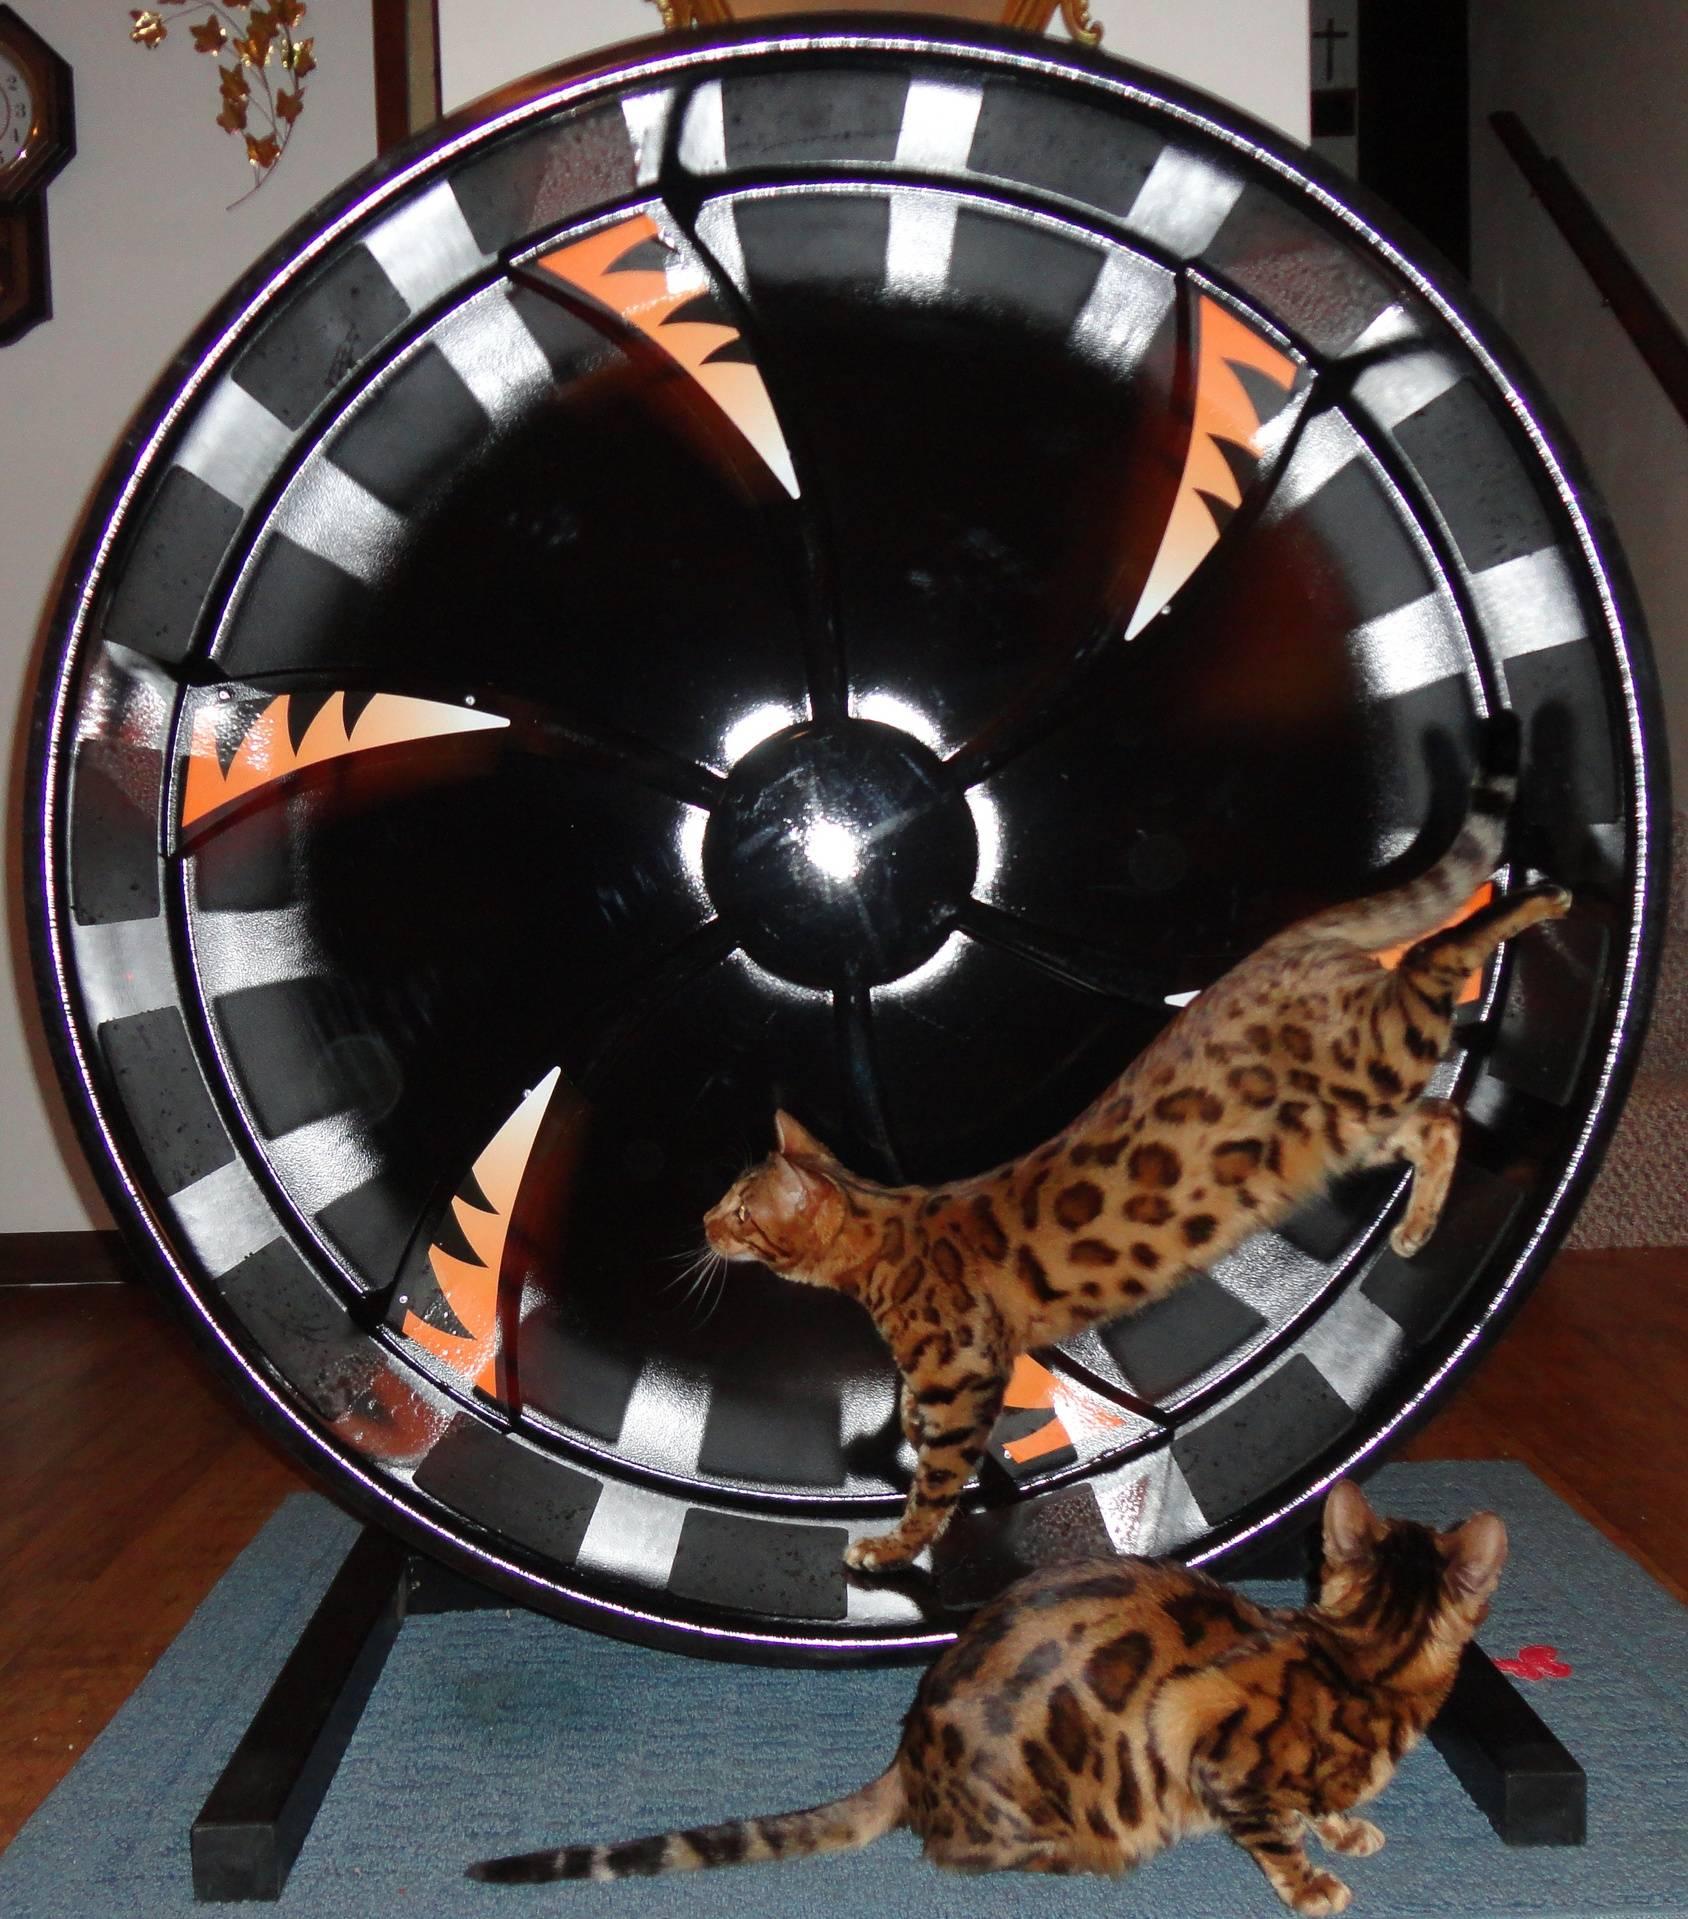 DA CAT ON THE WHEEL GOES ROUND N ROUND...